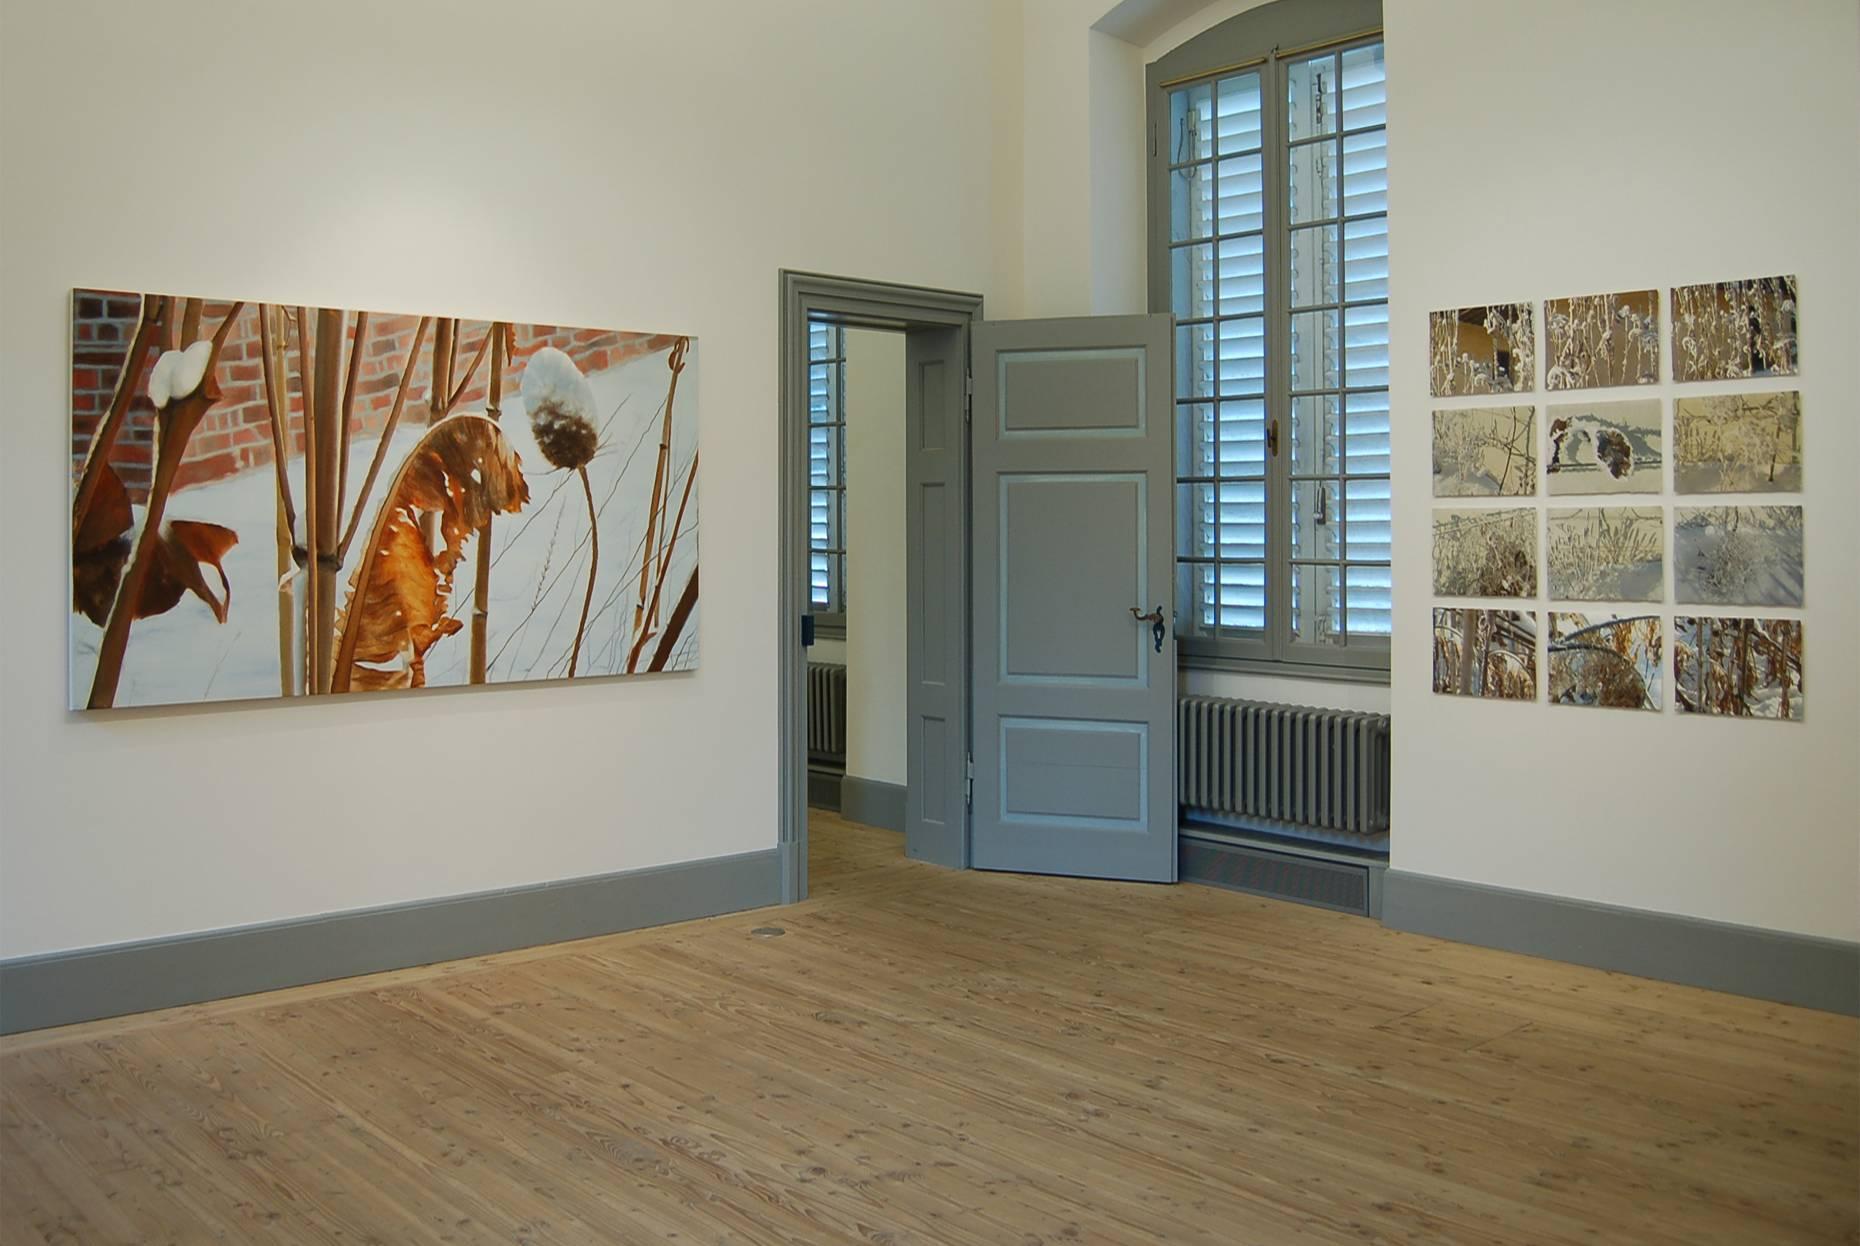 auf den Grund 2010 Museum für europäische Gartenkunst/Stiftung Schloß und Park Benrath